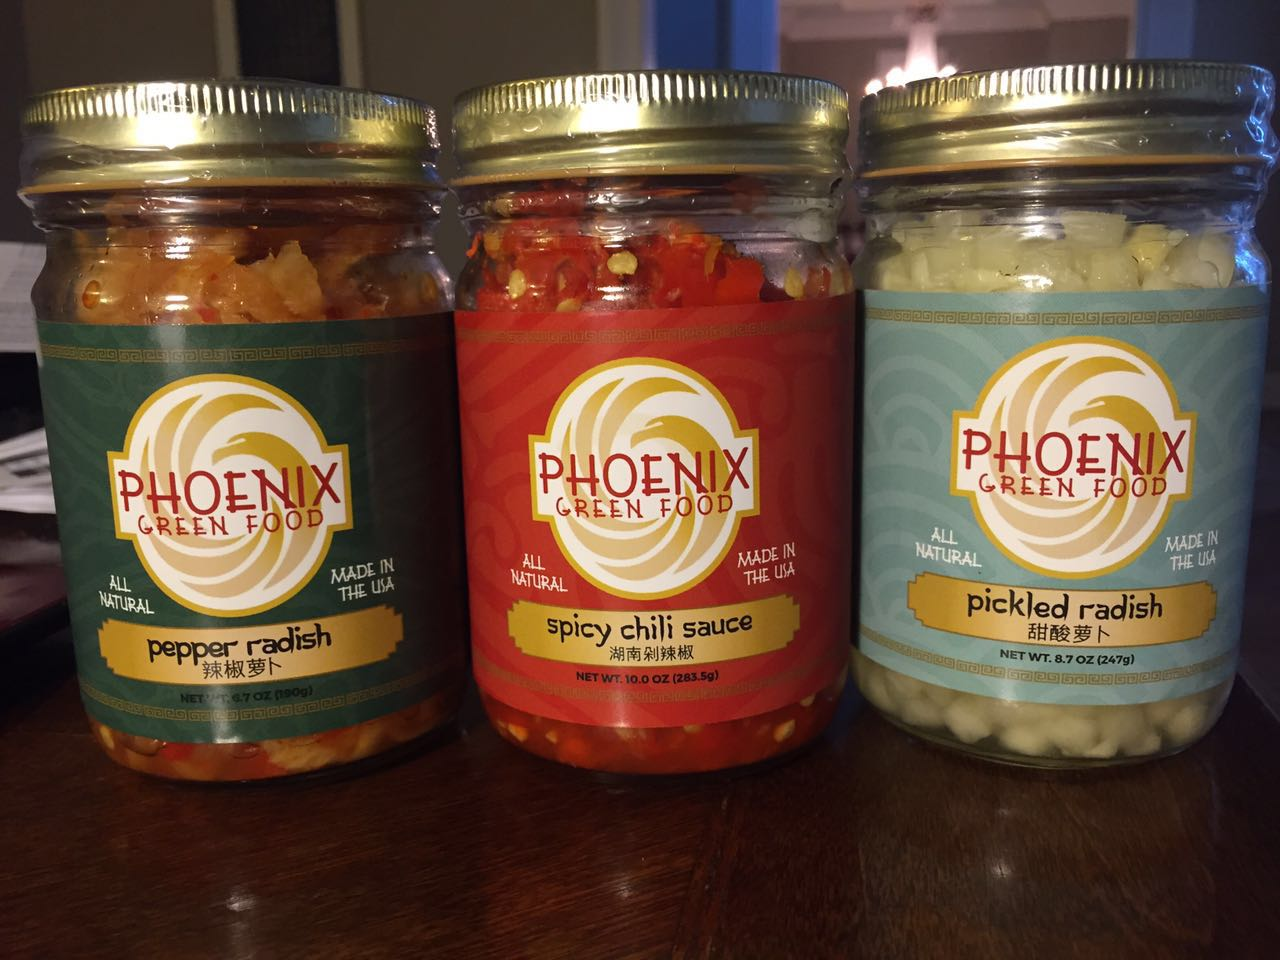 辣凤凰萝卜干、剁辣椒团购|美国本地生产的全自然无化学添加剂的中国风味酱菜